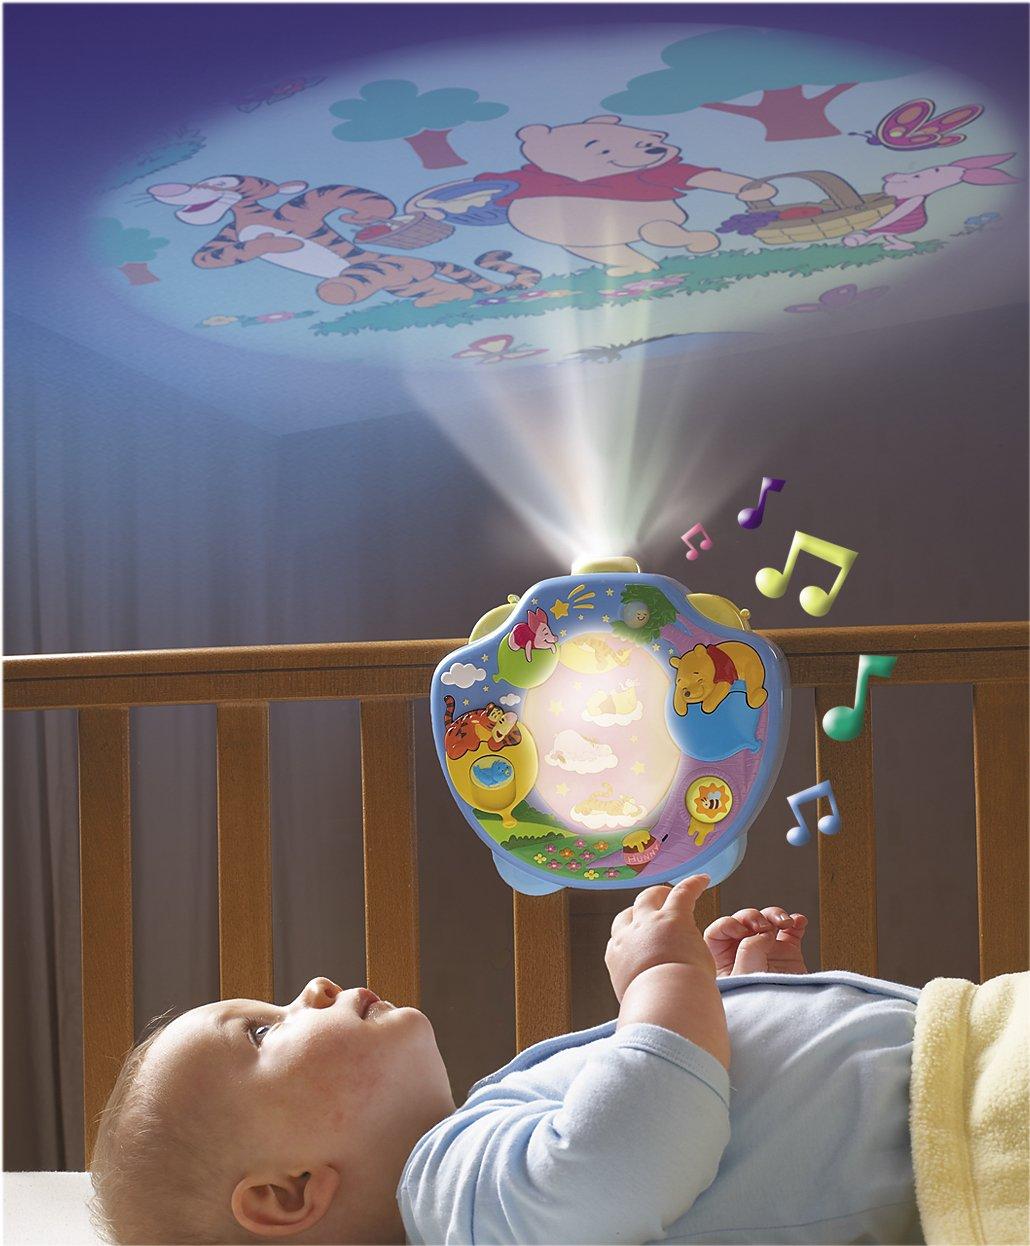 http://ecx.images-amazon.com/images/I/71kTuId1-9L._SL1246_.jpg